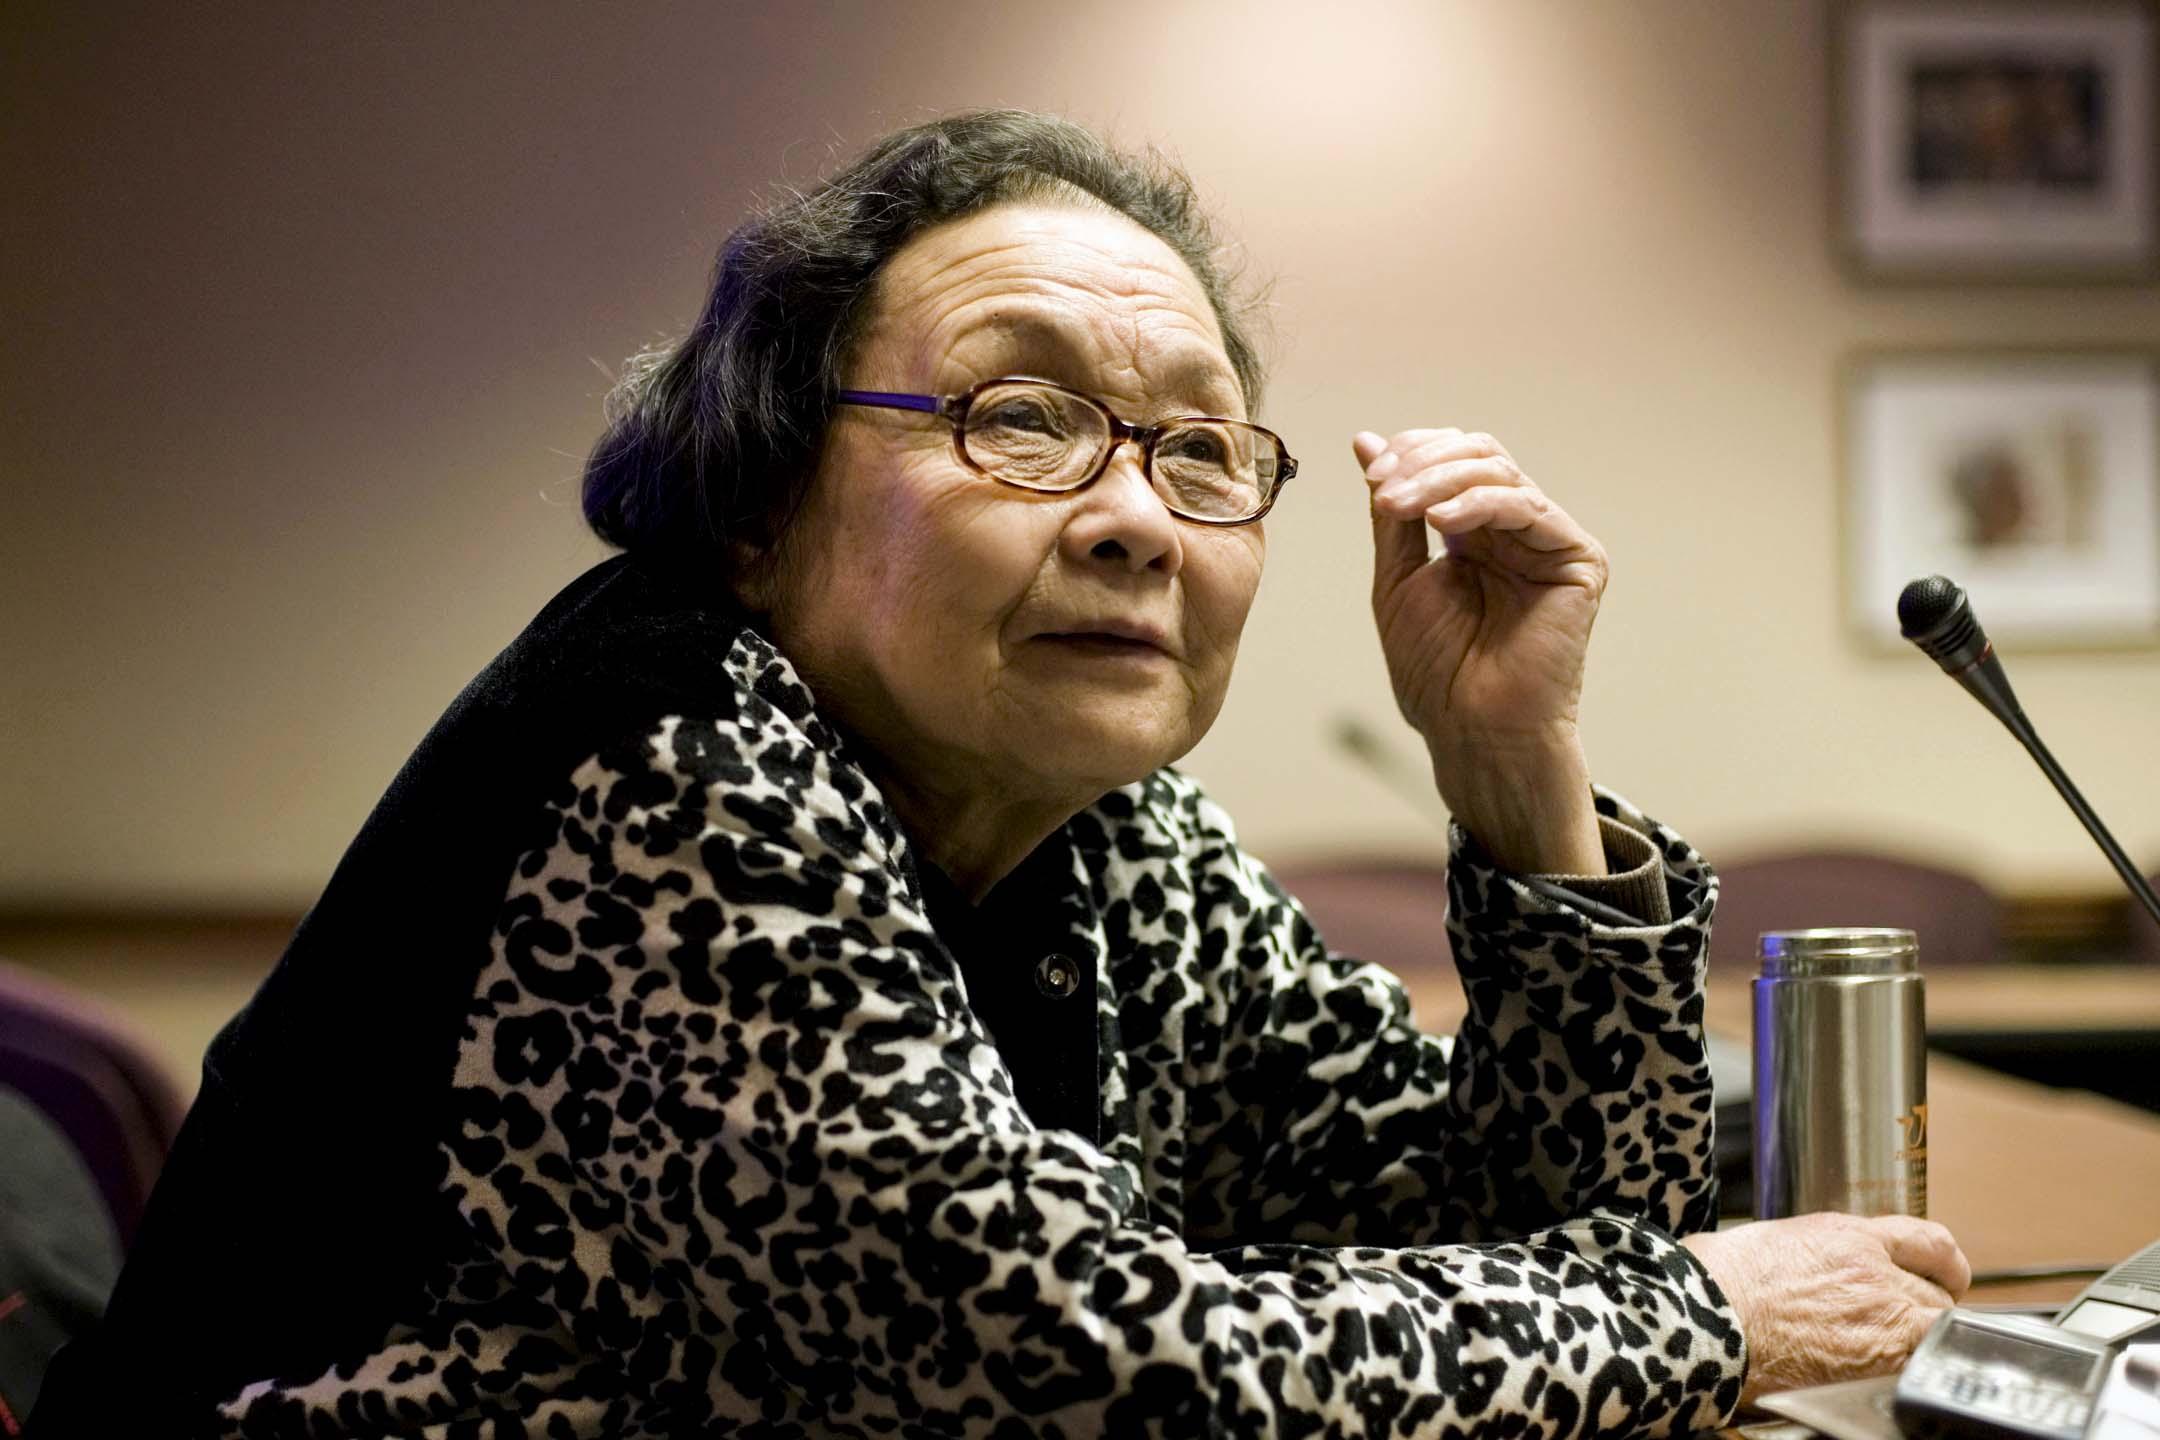 愛滋病防治活動家,被譽為「中國防愛第一人」、河南中醫學院退休教授高耀潔。圖片拍攝於2007年。 攝:Joshua Roberts/Reuters/達志影像